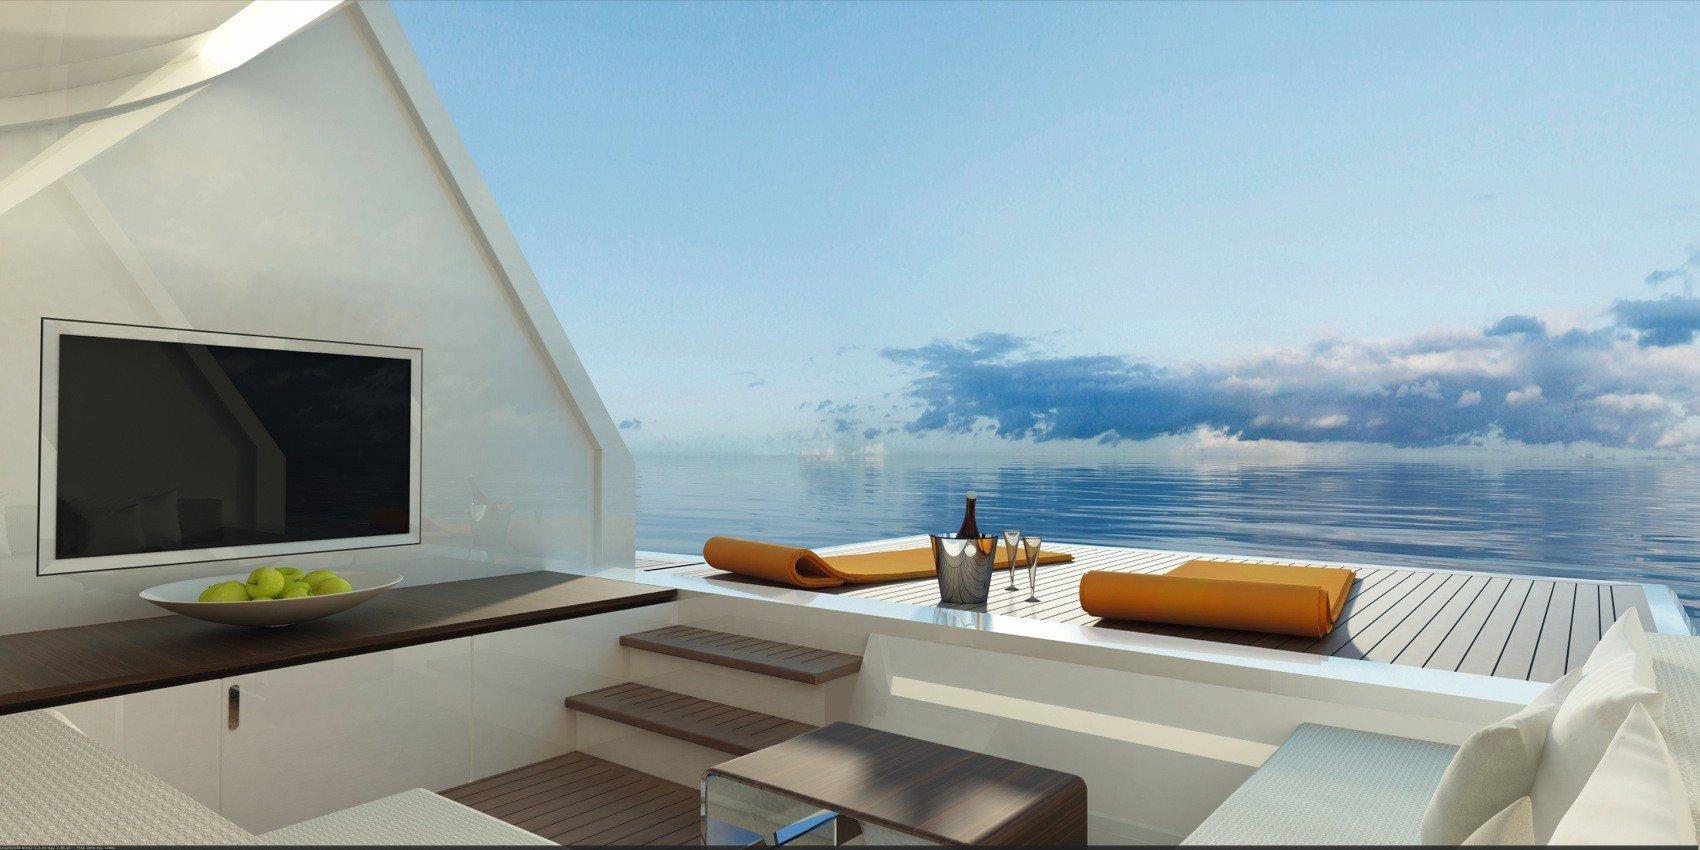 Ein Beachclub mit Liegefläche direkt am Wasser ist eines der Highlights der Luxus-Yacht Explorer der Bremer Werft Drettmann.